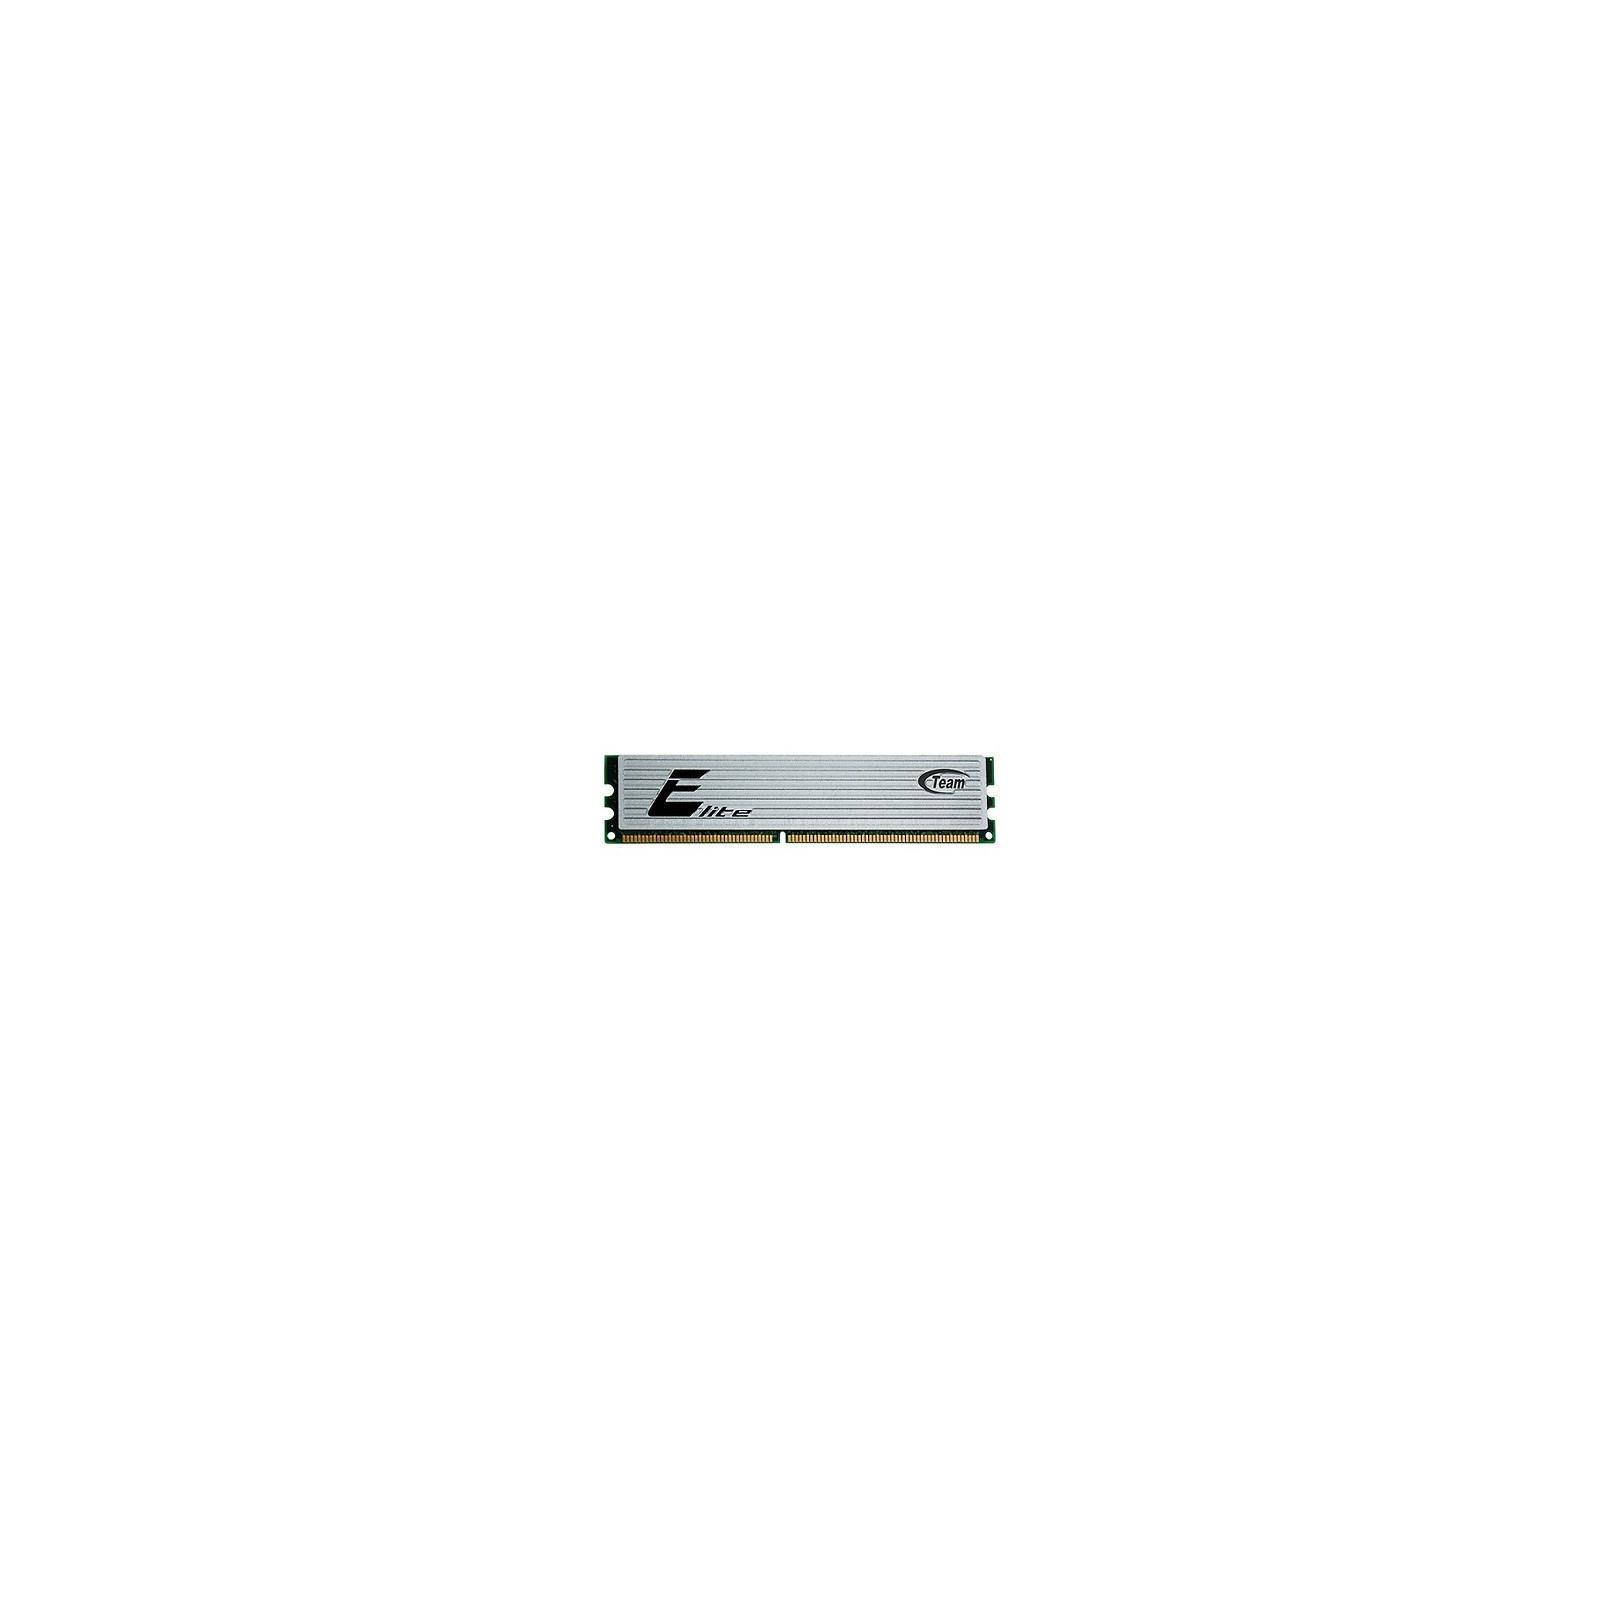 Модуль памяти для компьютера DDR2 2GB 800 MHz Team (TED22G800C501)